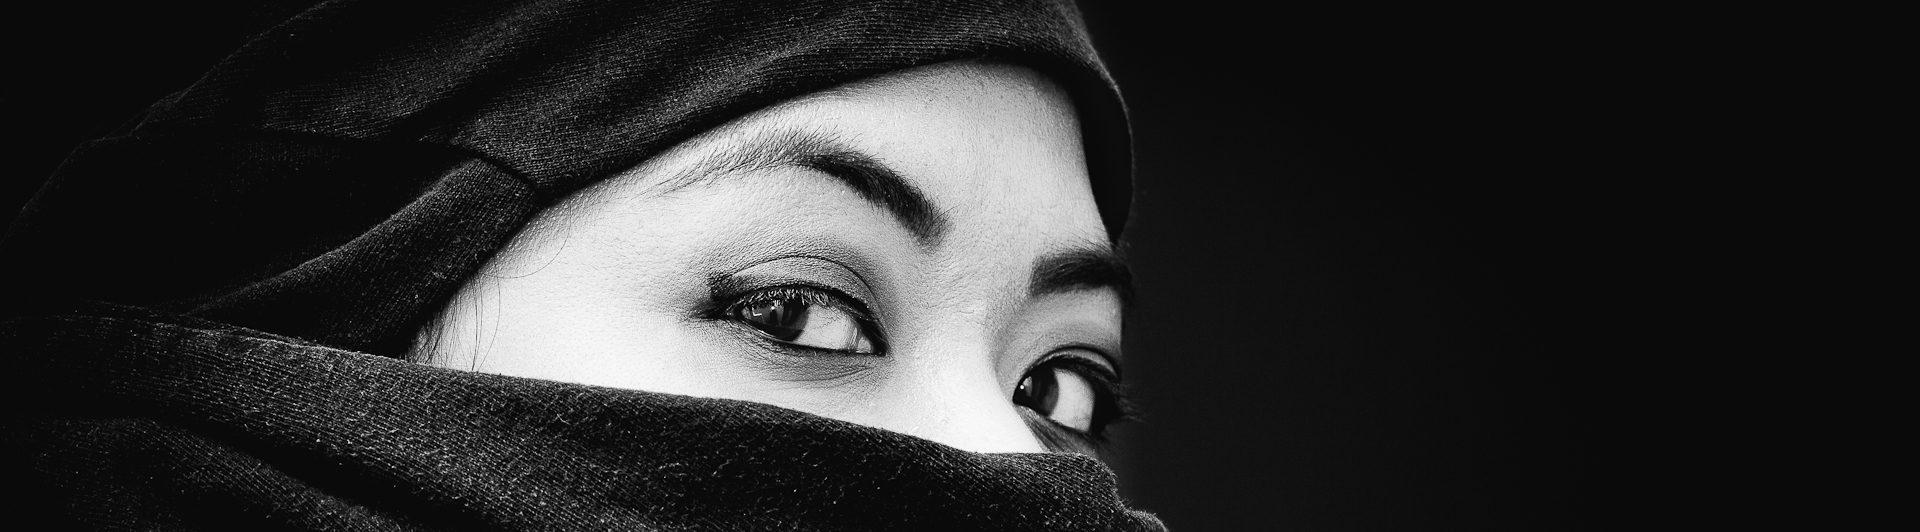 Lever le voile sur le hijab